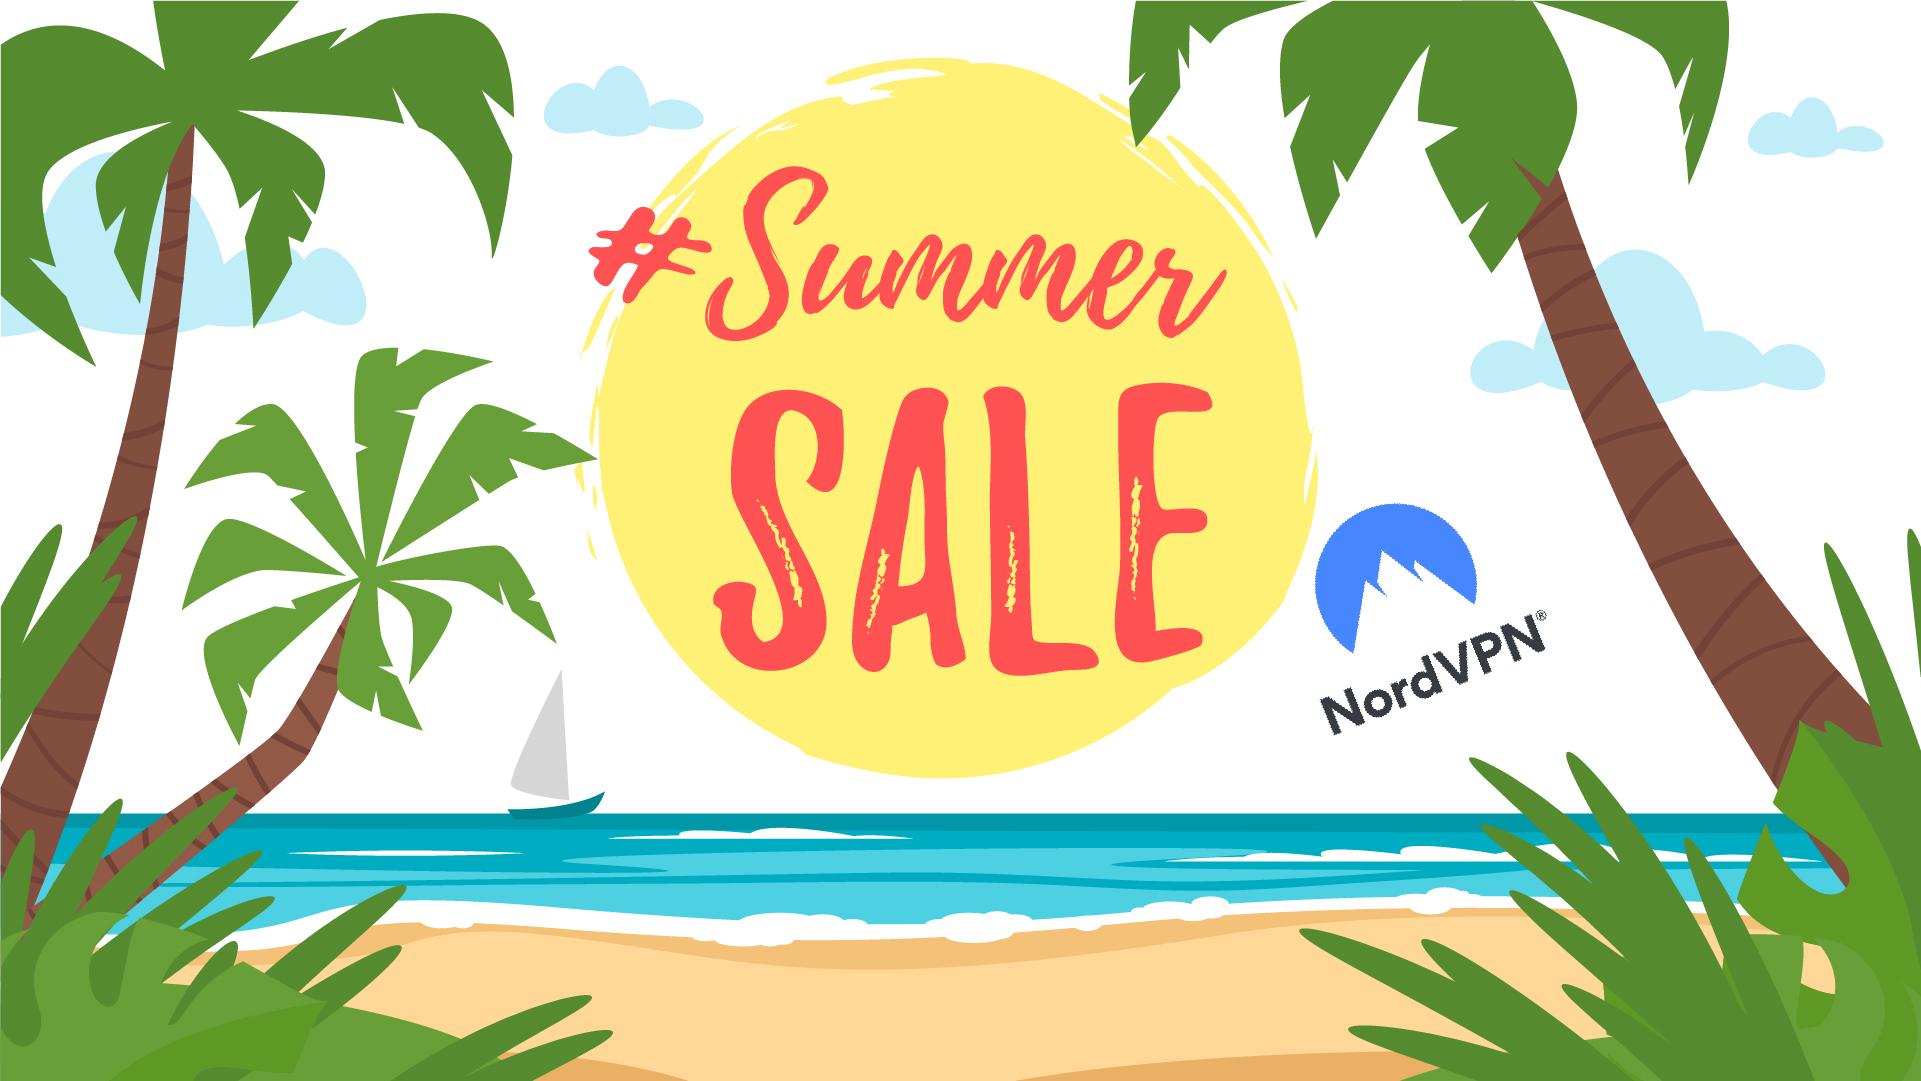 NordVPN bietet ein exklusives Sommerangebot mit 72% Rabatt